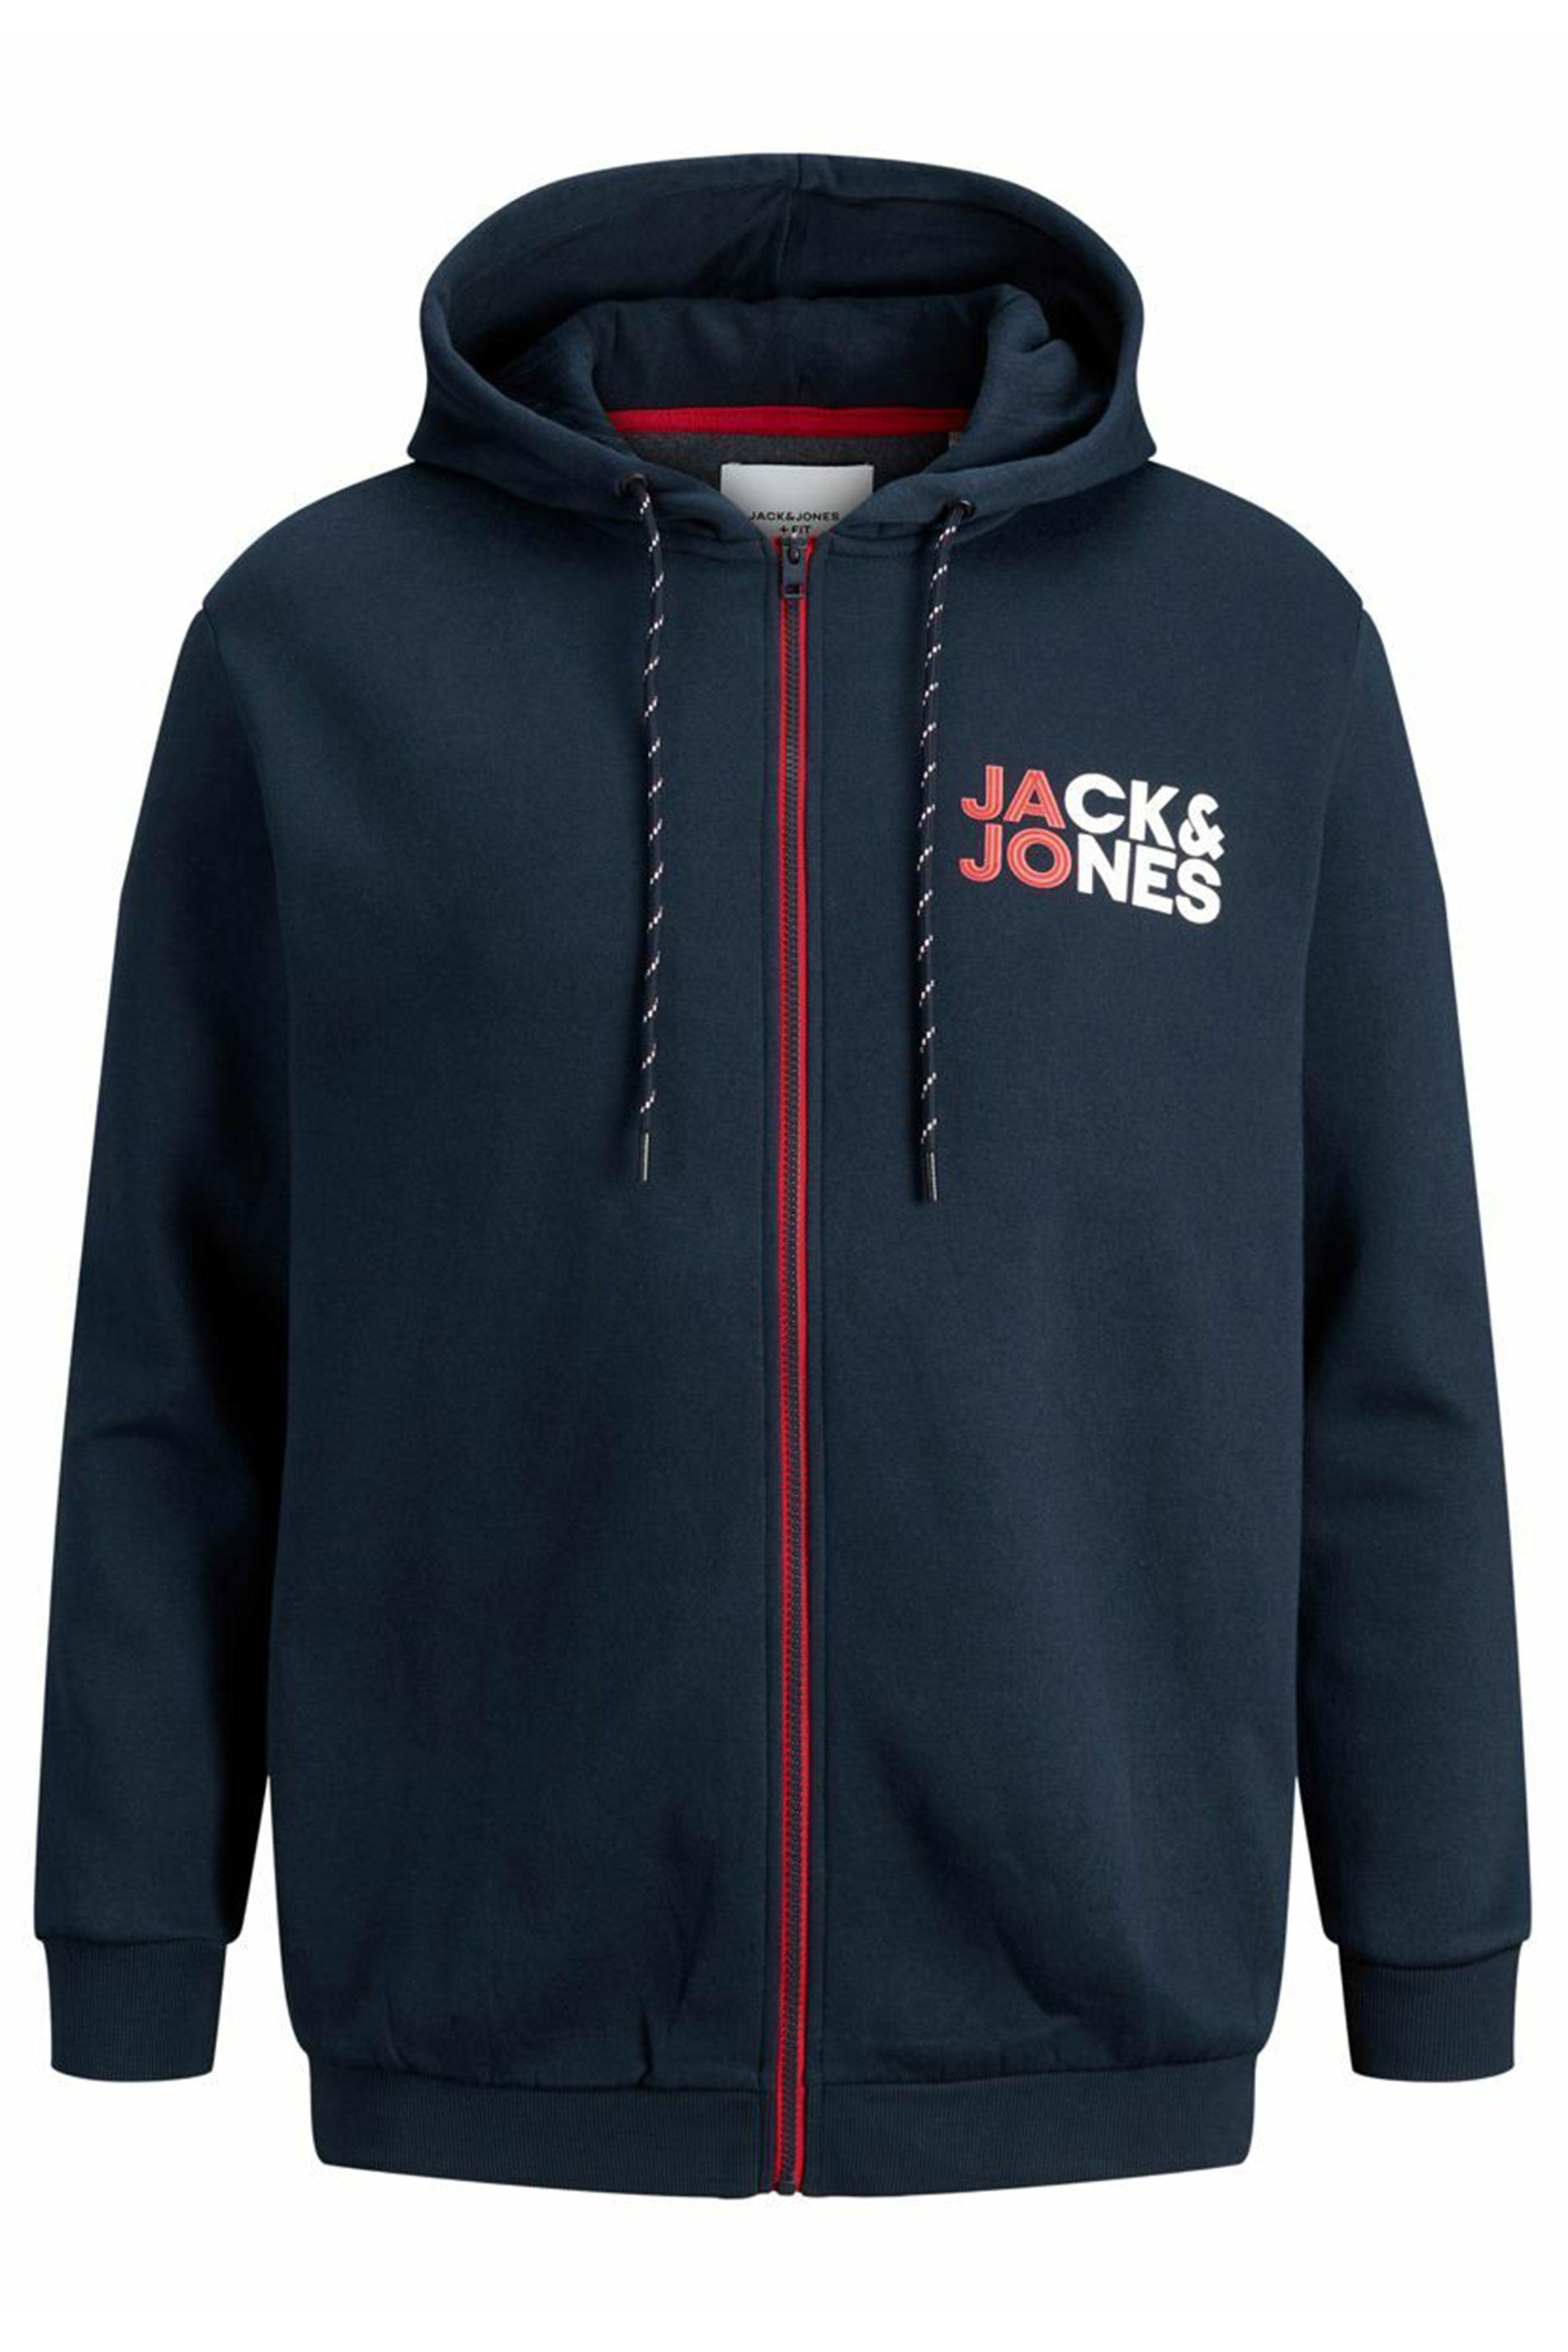 JACK & JONES Navy Logo Zip Through Hoodie